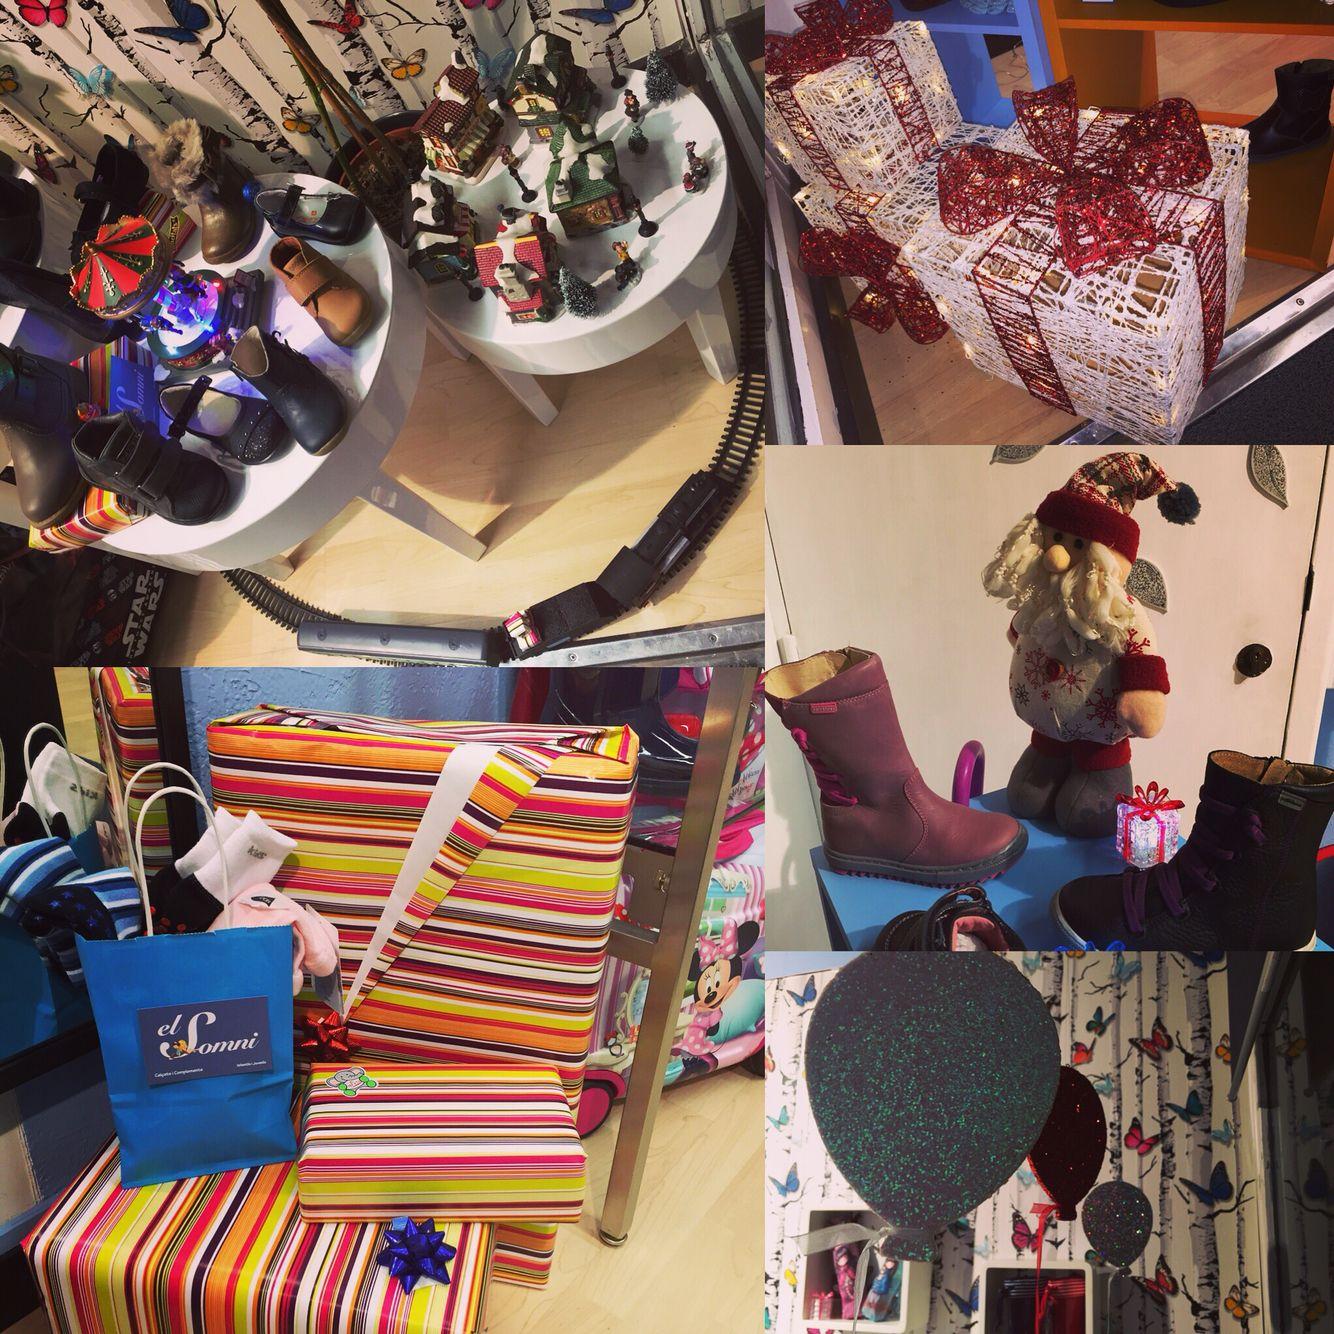 """Ya tenemos muy cerquita la Navidad, y en """"El Somni"""" nos estamos preparando... Y tu, ¿Ya estas preparado?  #⃣ #elsomni #cardedeu #navidad #tiempoderegalar #pictureoftheday #love #christmas #xmas #time #gift #for #family #friends #pensadoparati #nadal #tempsderegals"""